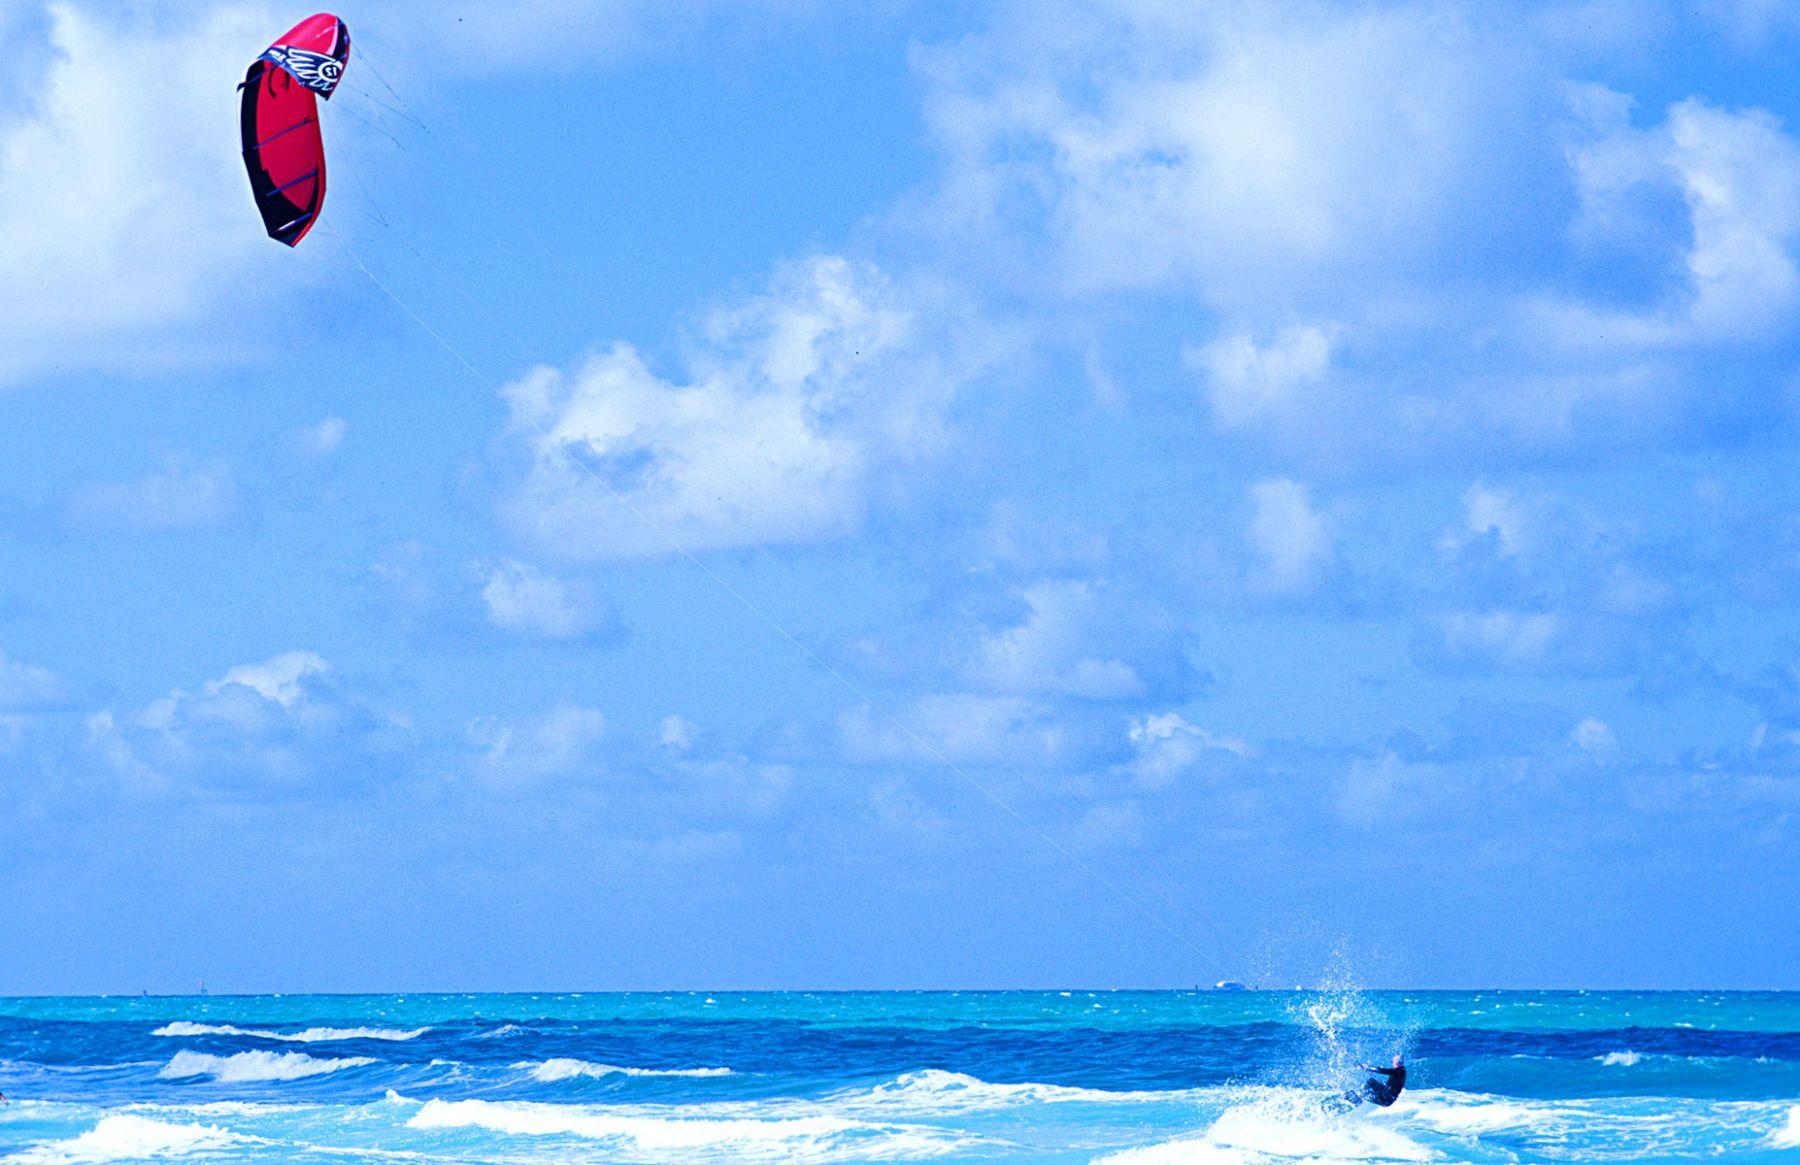 1kitesurf_wetsuit_miami